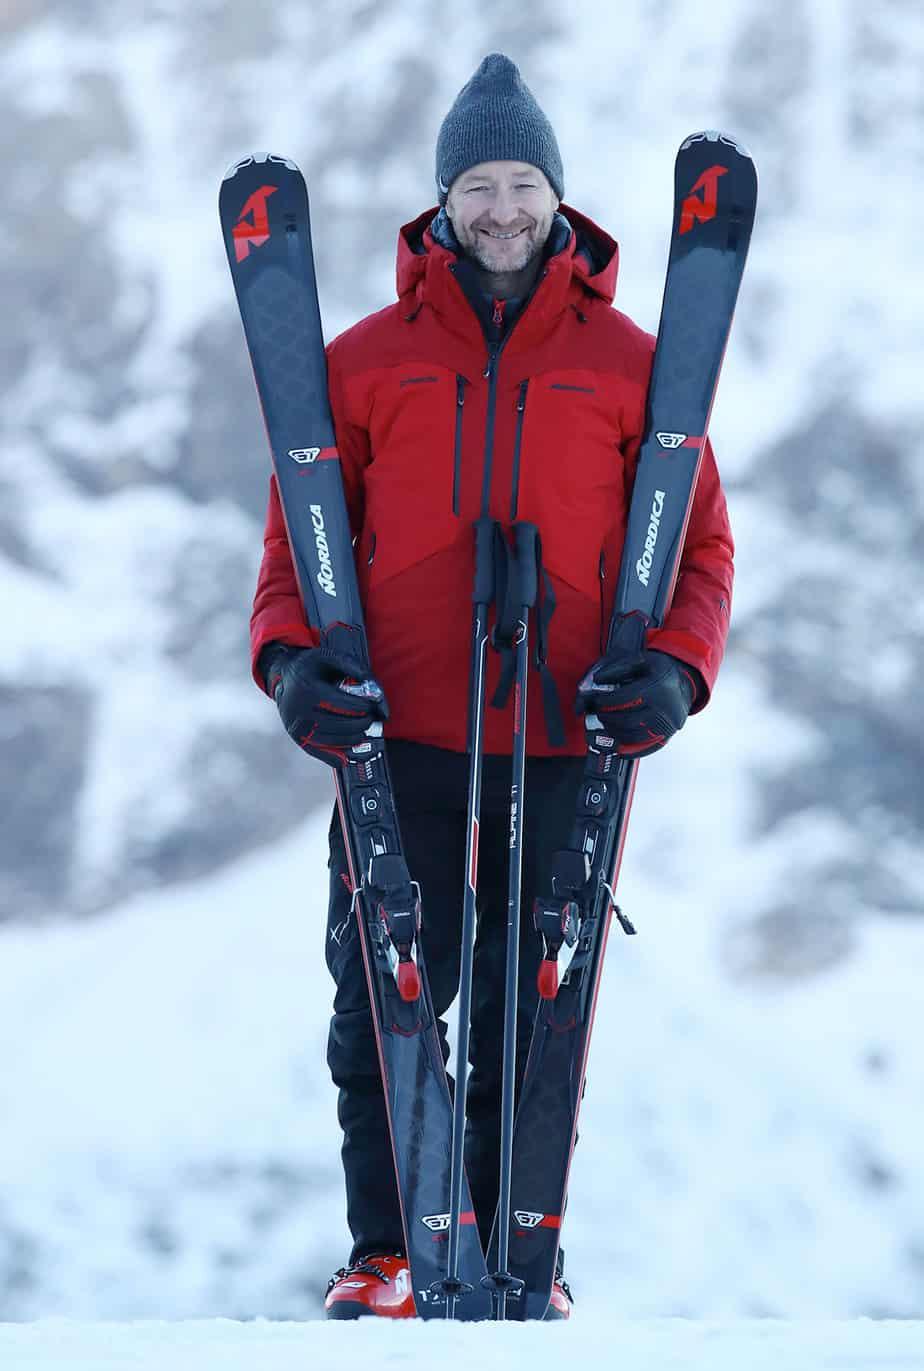 Kjetil Andre Aamodt Nordica skis